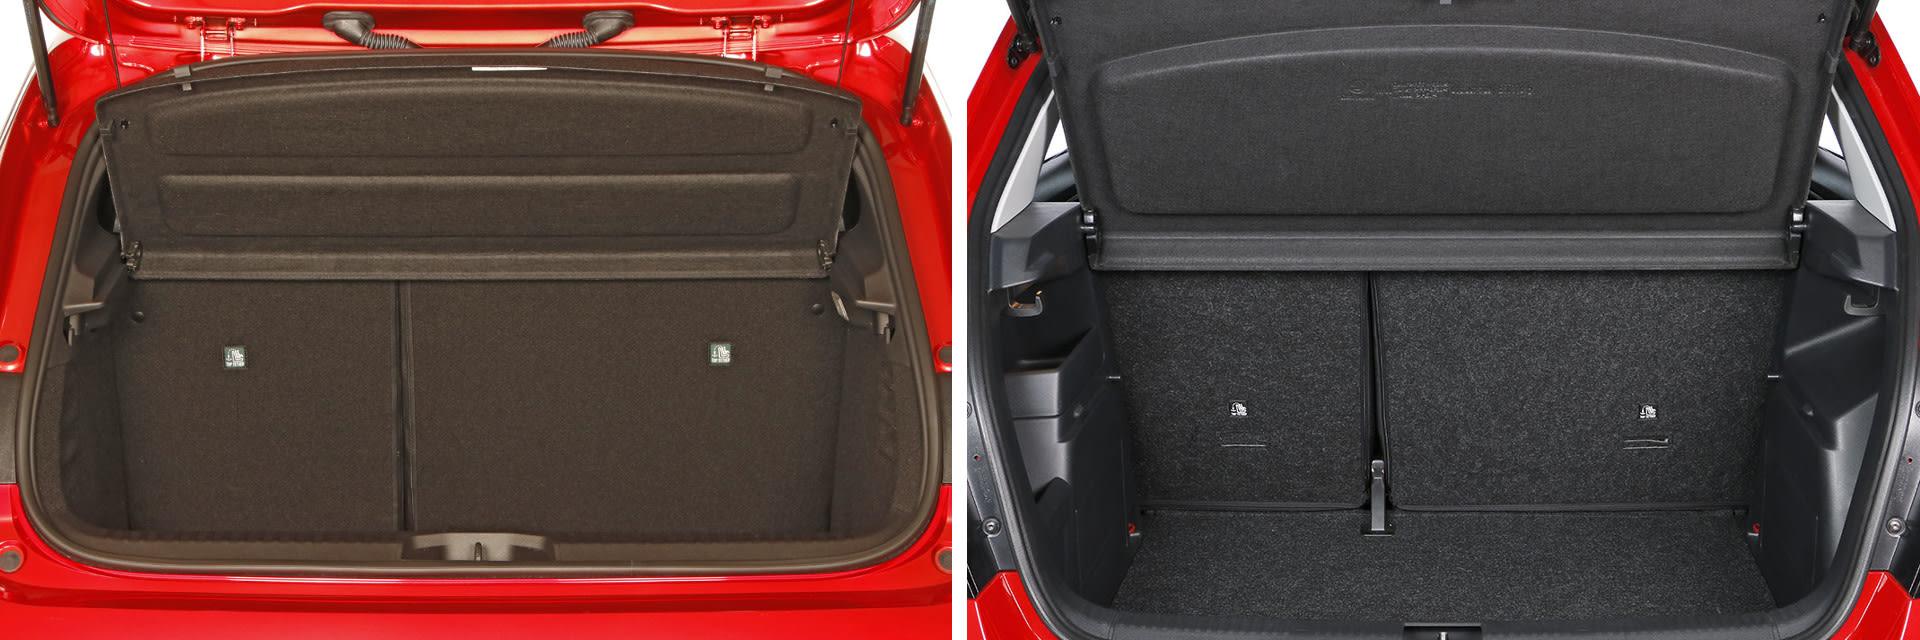 Tanto el Clio (izq.) como el Fabia (dcha.) cuenta con un maletero similar: el primero tiene una capacidad de 340 litros y el segundo de 330. / km77